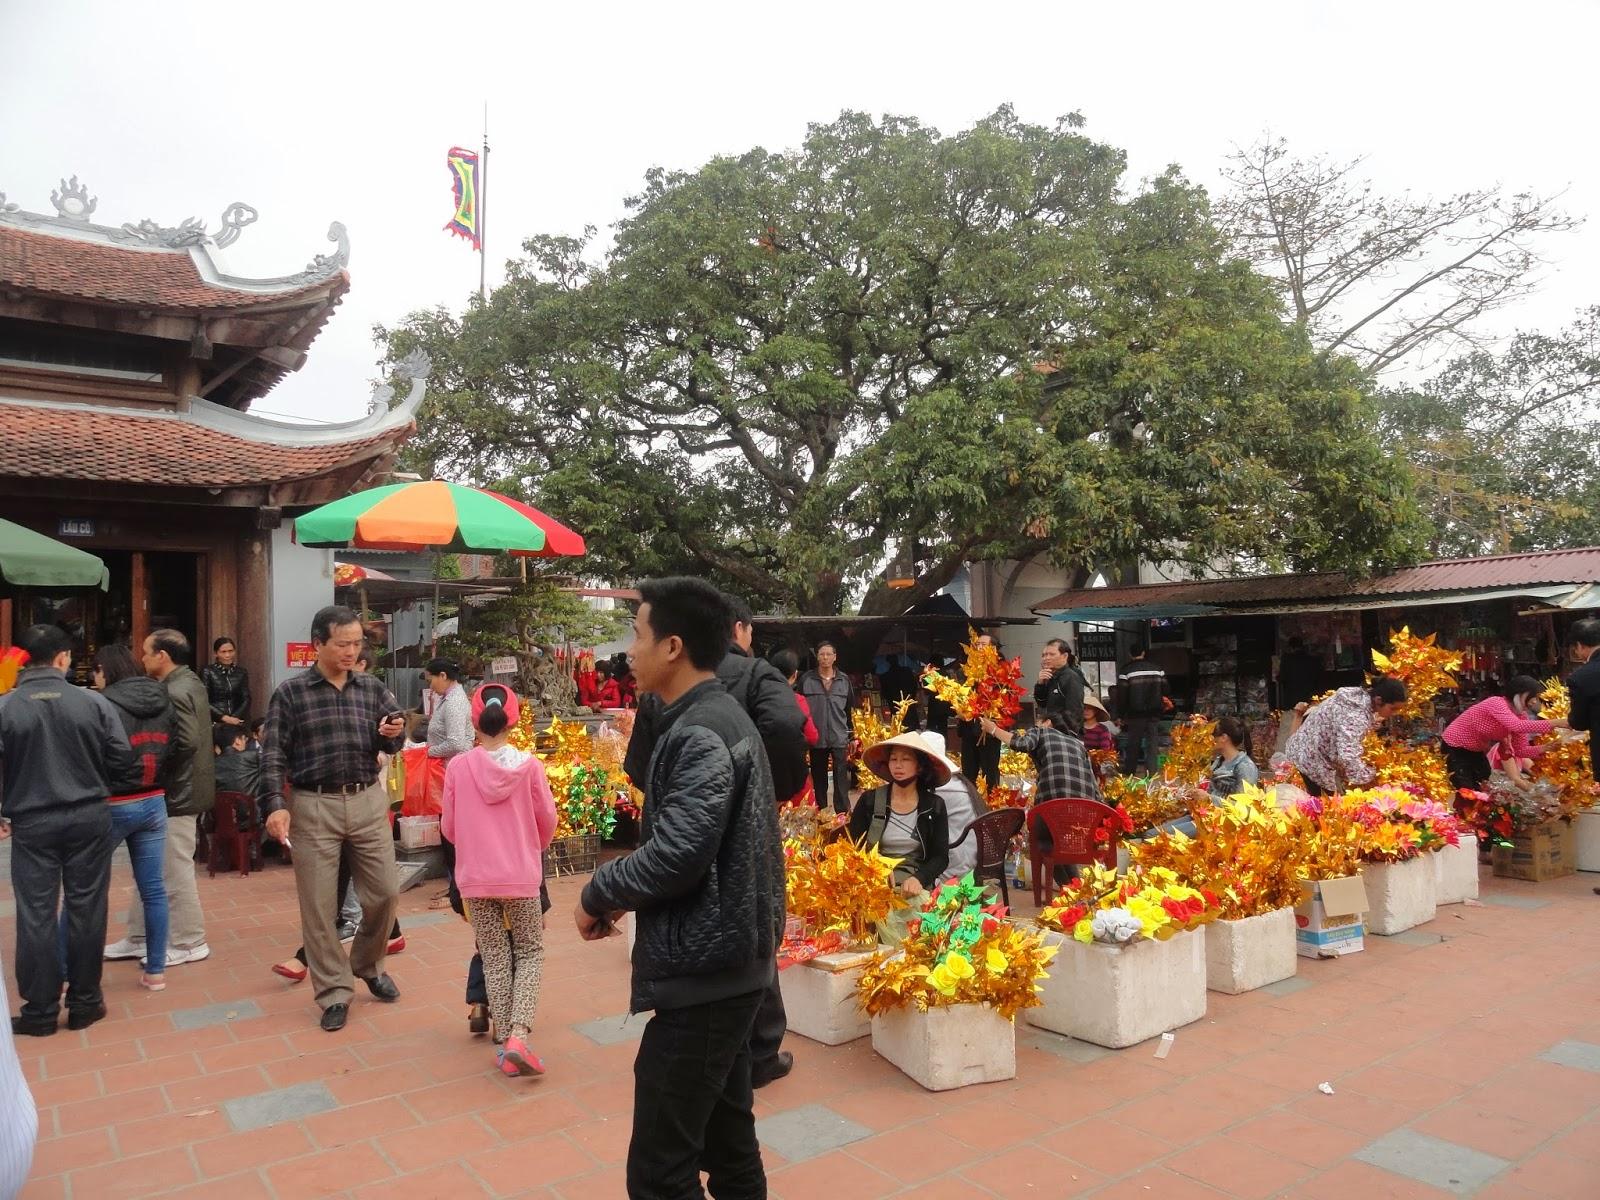 Chợ Viềng: Phương Mai Blog: CHỢ VIỀNG NĂM CHỈ MỘT PHIÊN